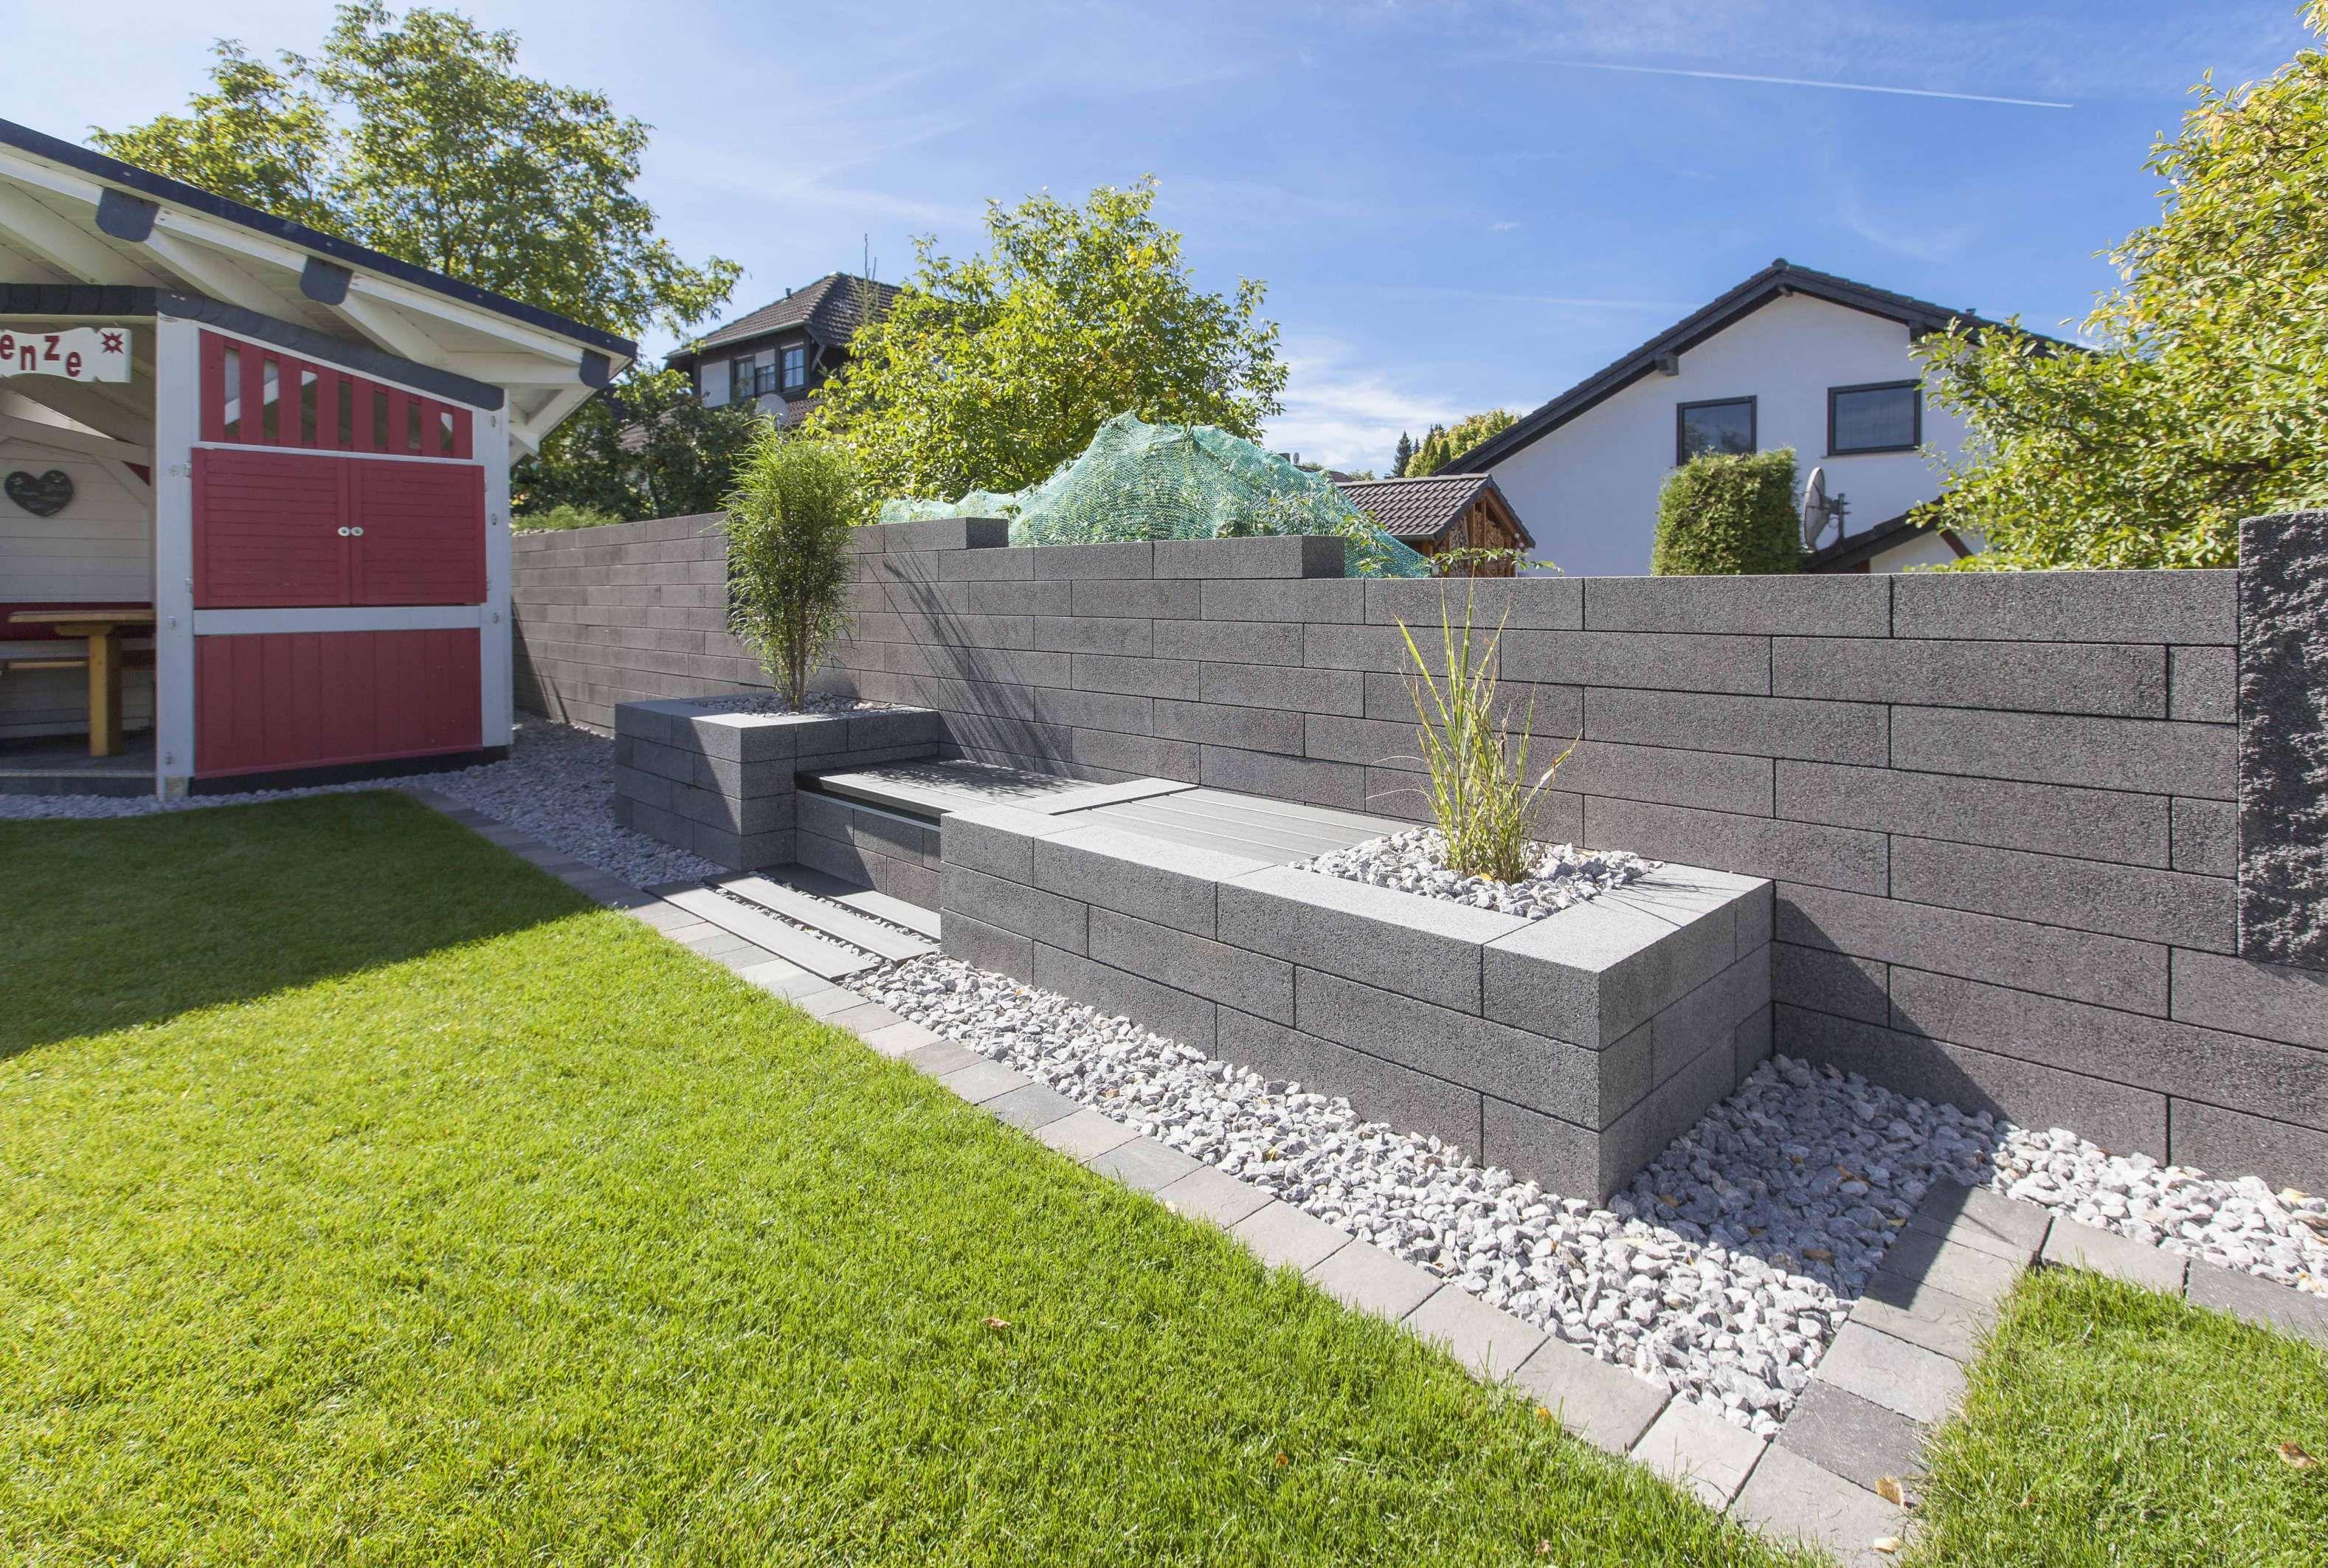 15 Mauer Als Sichtschutz Sichtschutz Garten Steinmauer Garten Sichtschutzmauer